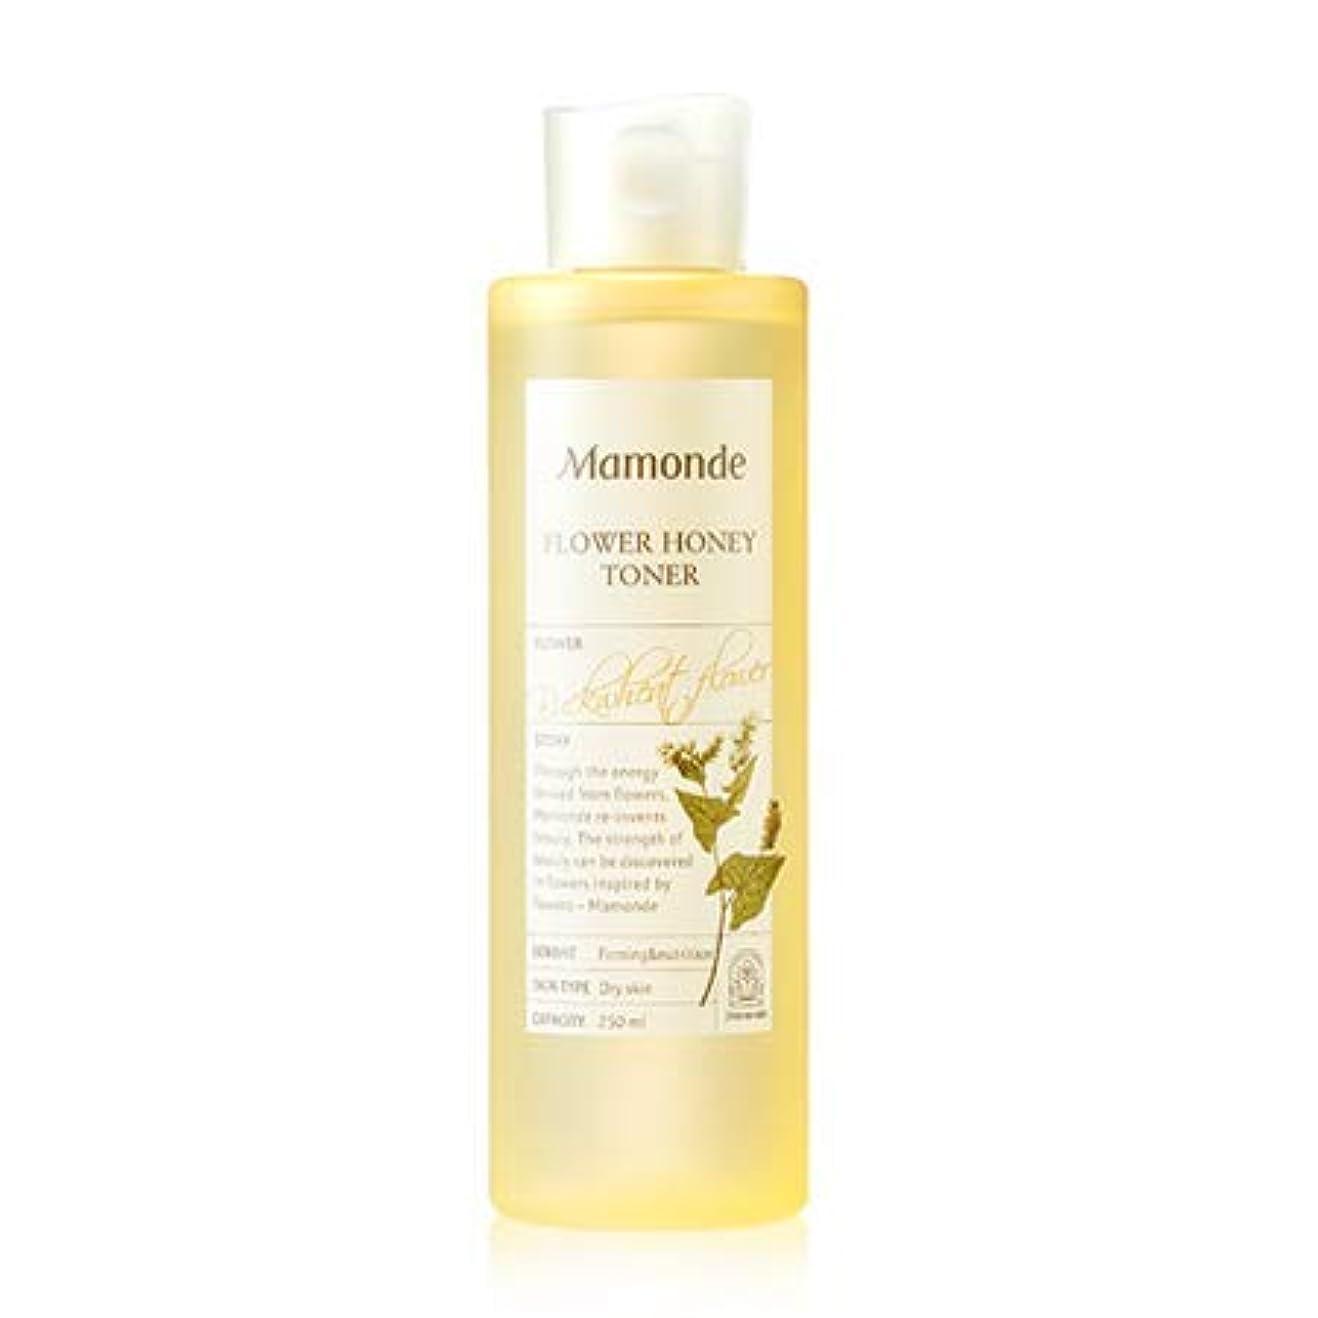 フクロウめまい億Mamonde Flower Honey Toner マモンド フラワー ハニー トナー 250ml [並行輸入品]